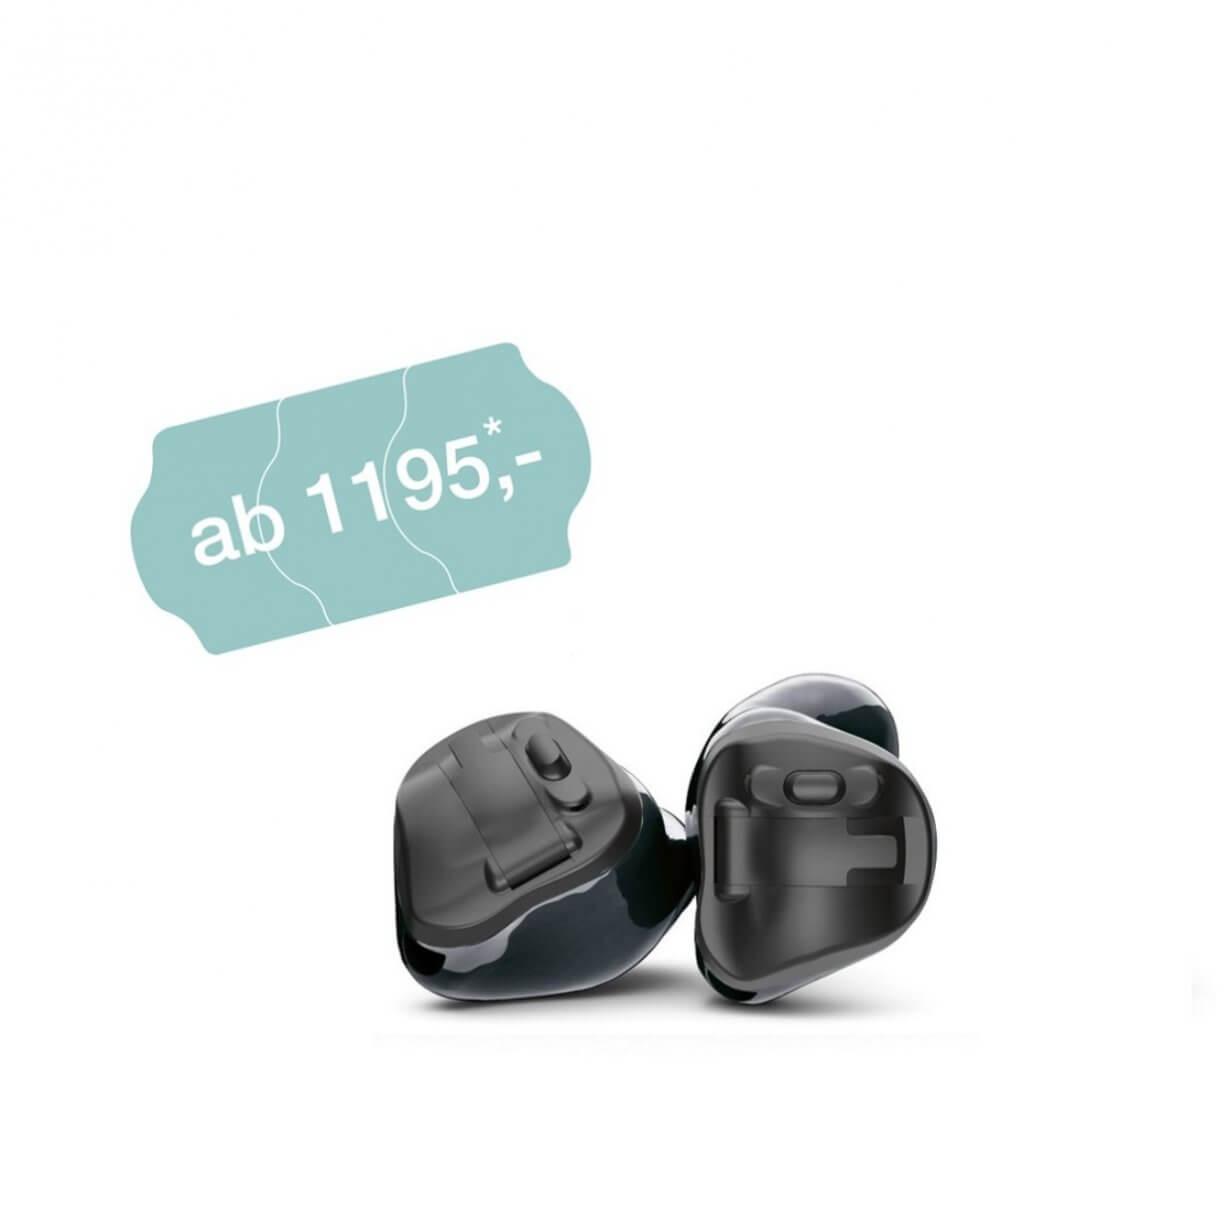 Hörgeräte-Preise_Komfort-Kosten